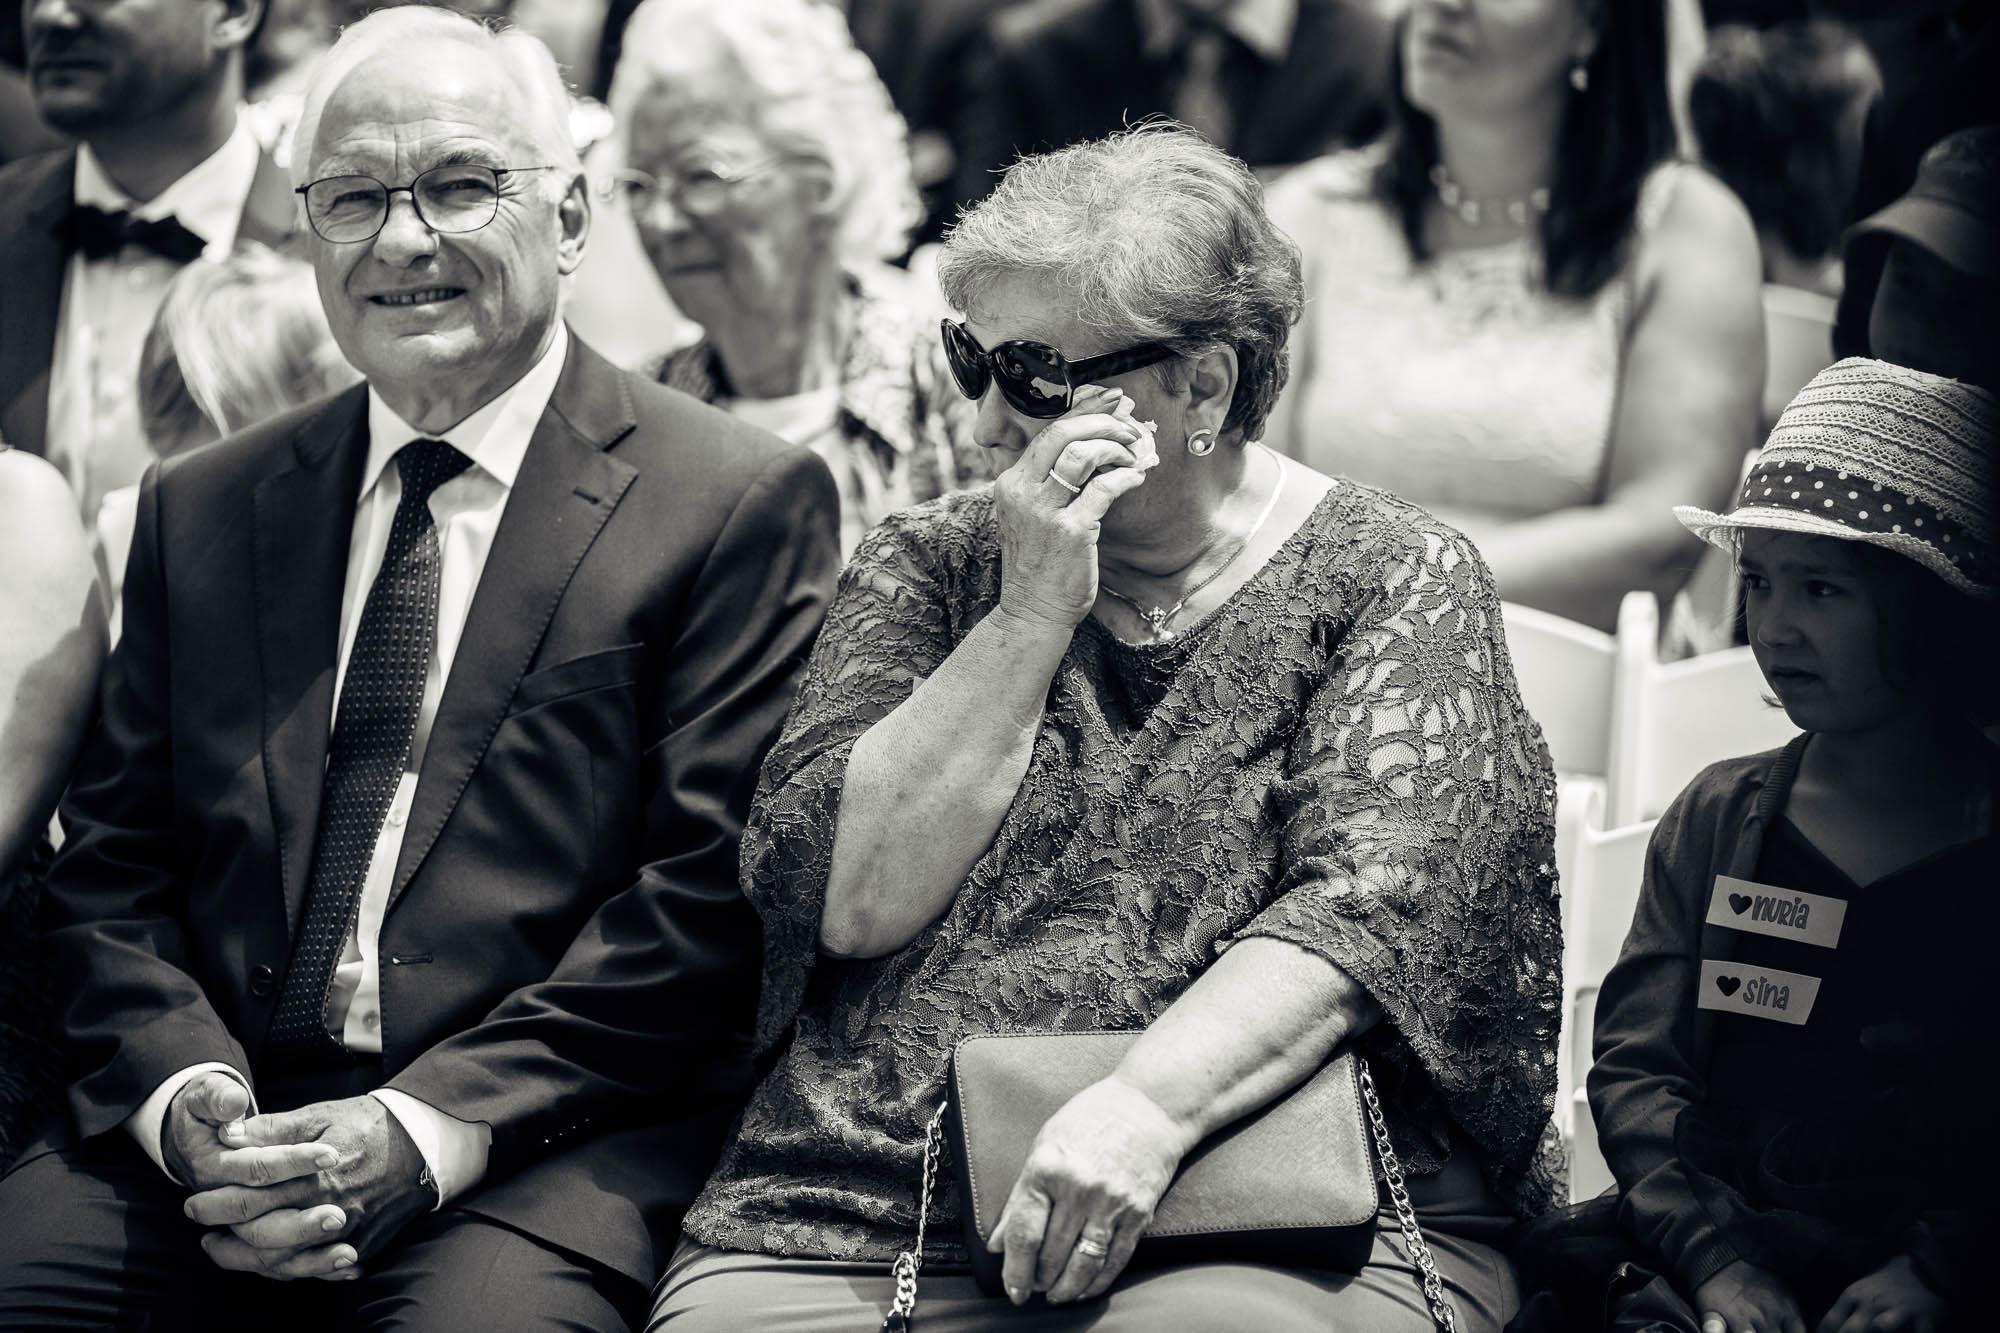 Mutter der Braut weint und wischt sich die Augen